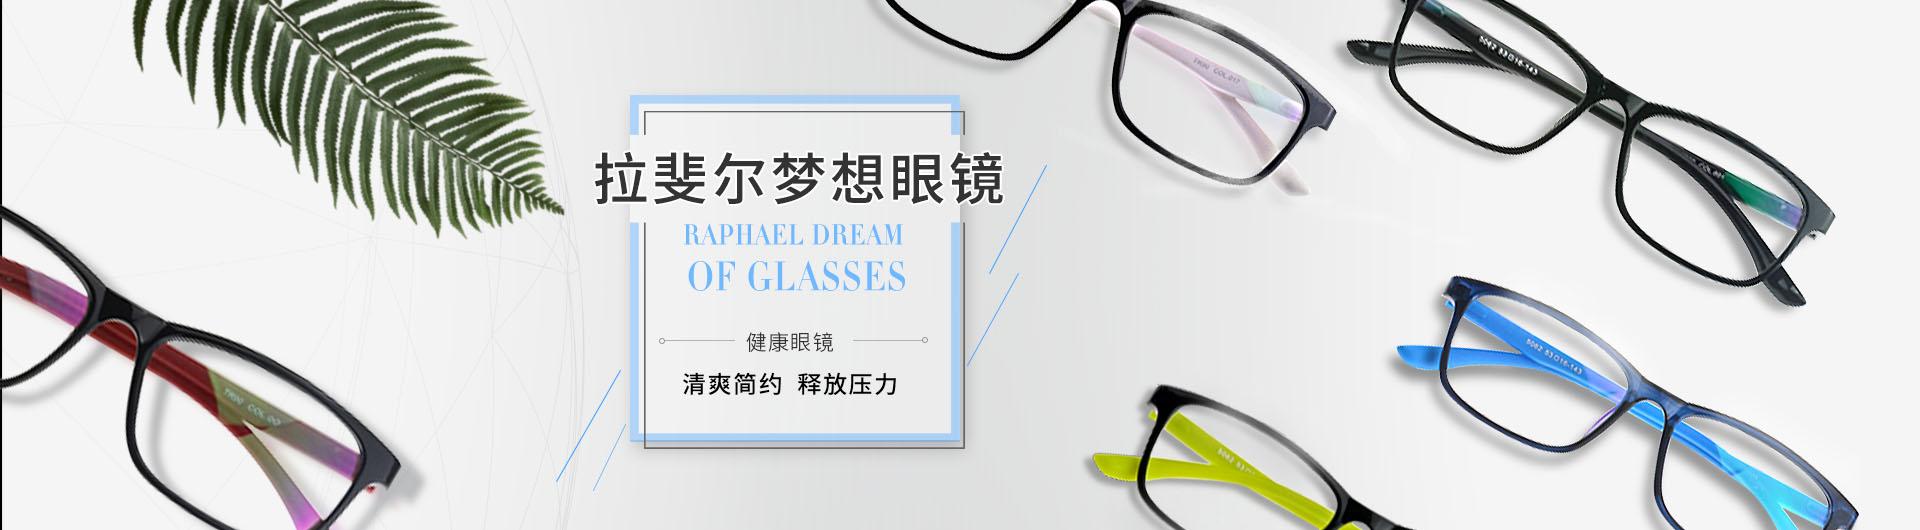 防辐射眼镜厂家